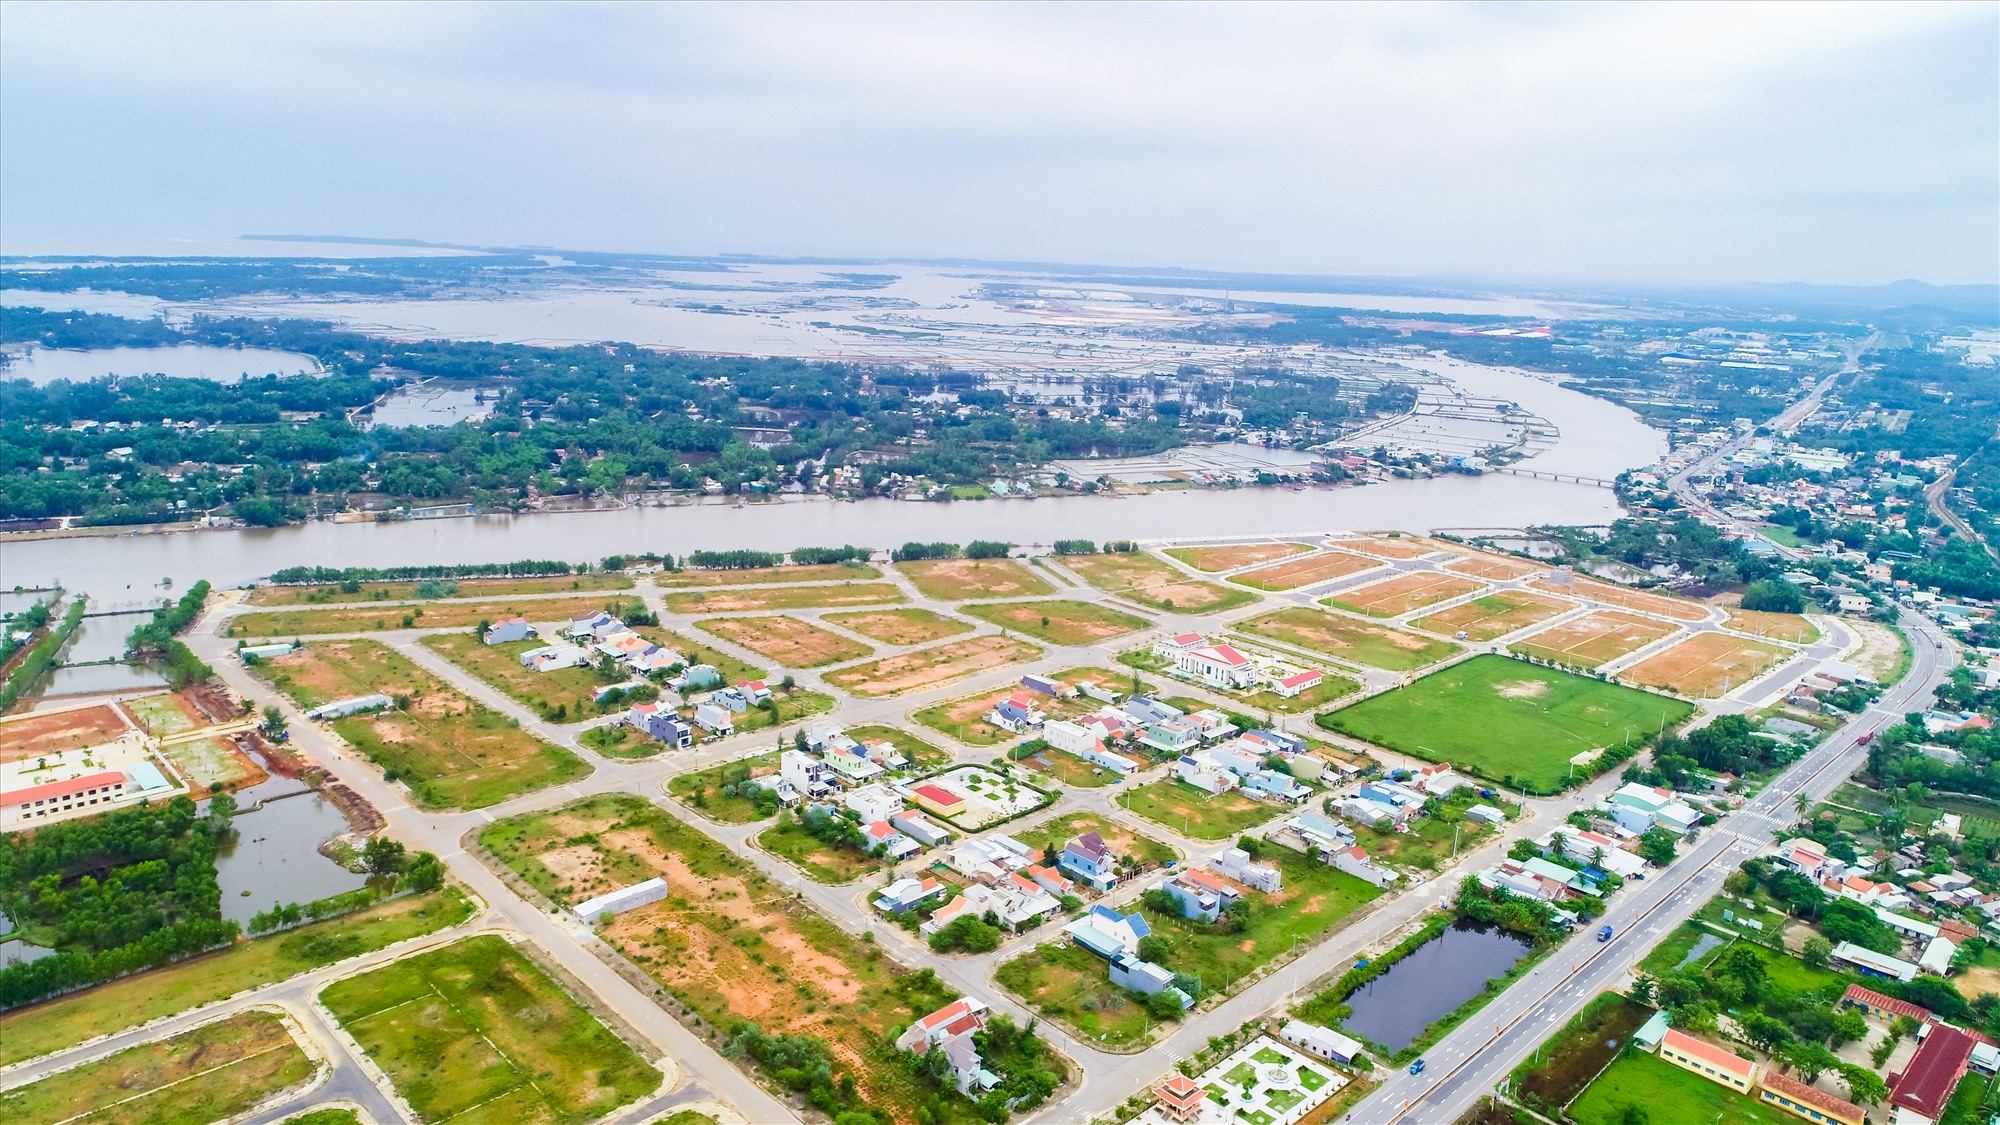 Chu Lai Riverside được quy hoạch là khu đô thị phụ trợ cho Khu kinh tế mở Chu Lai, sân bay Chu Lai với các loại hình bất động sản công nghiệp, du lịch nghỉ dưỡng.